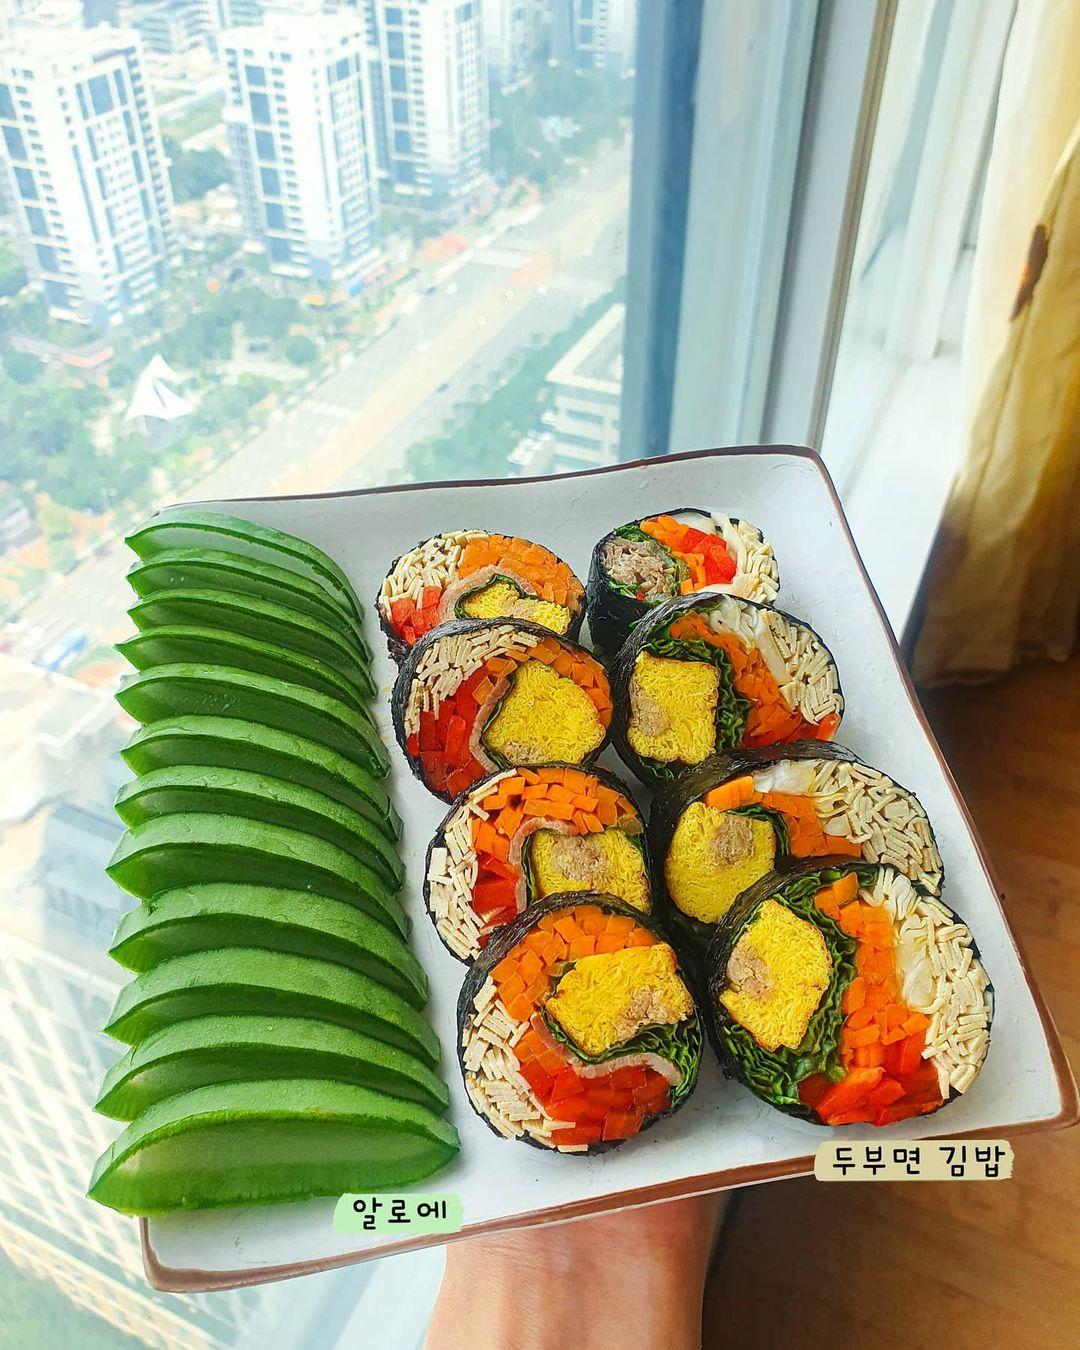 """Trend mới của gái Hàn: Ăn kimbab """"thay cơm bằng trứng"""" để giảm cân, chị em mau vào hóng ngay còn kịp - Ảnh 5."""